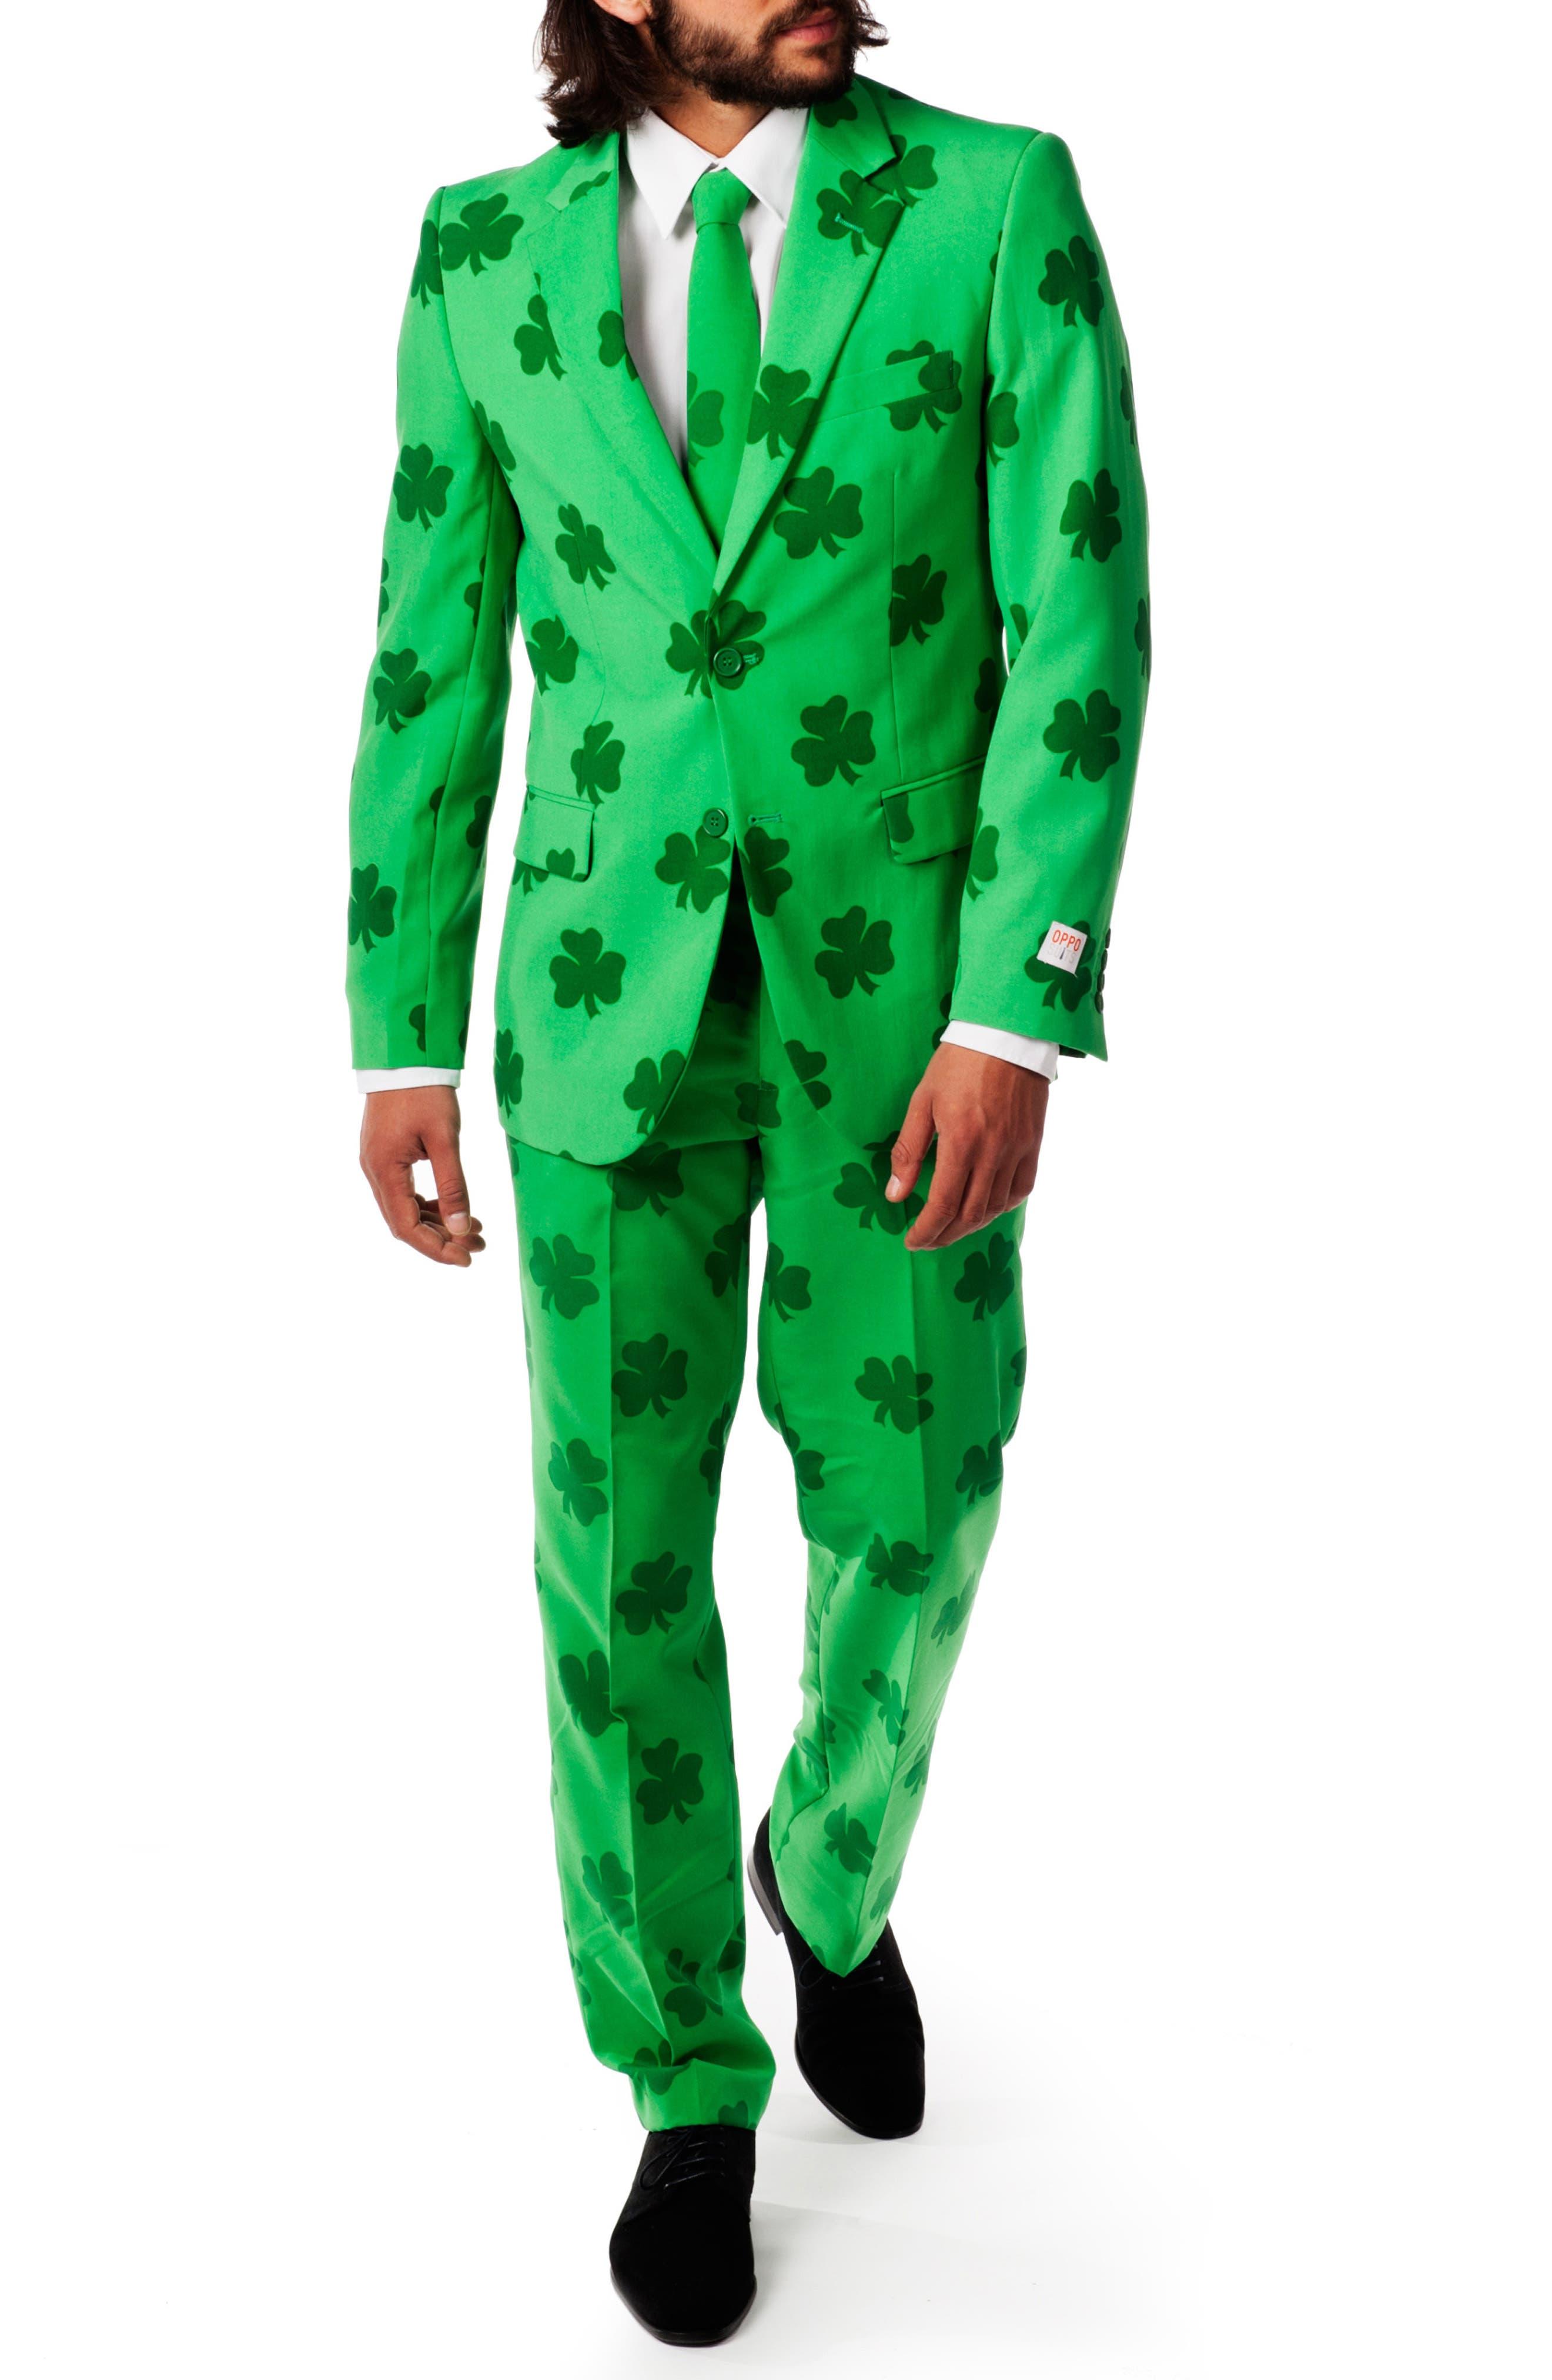 'Patrick' Trim Fit Two-Piece Suit with Tie,                             Alternate thumbnail 3, color,                             320